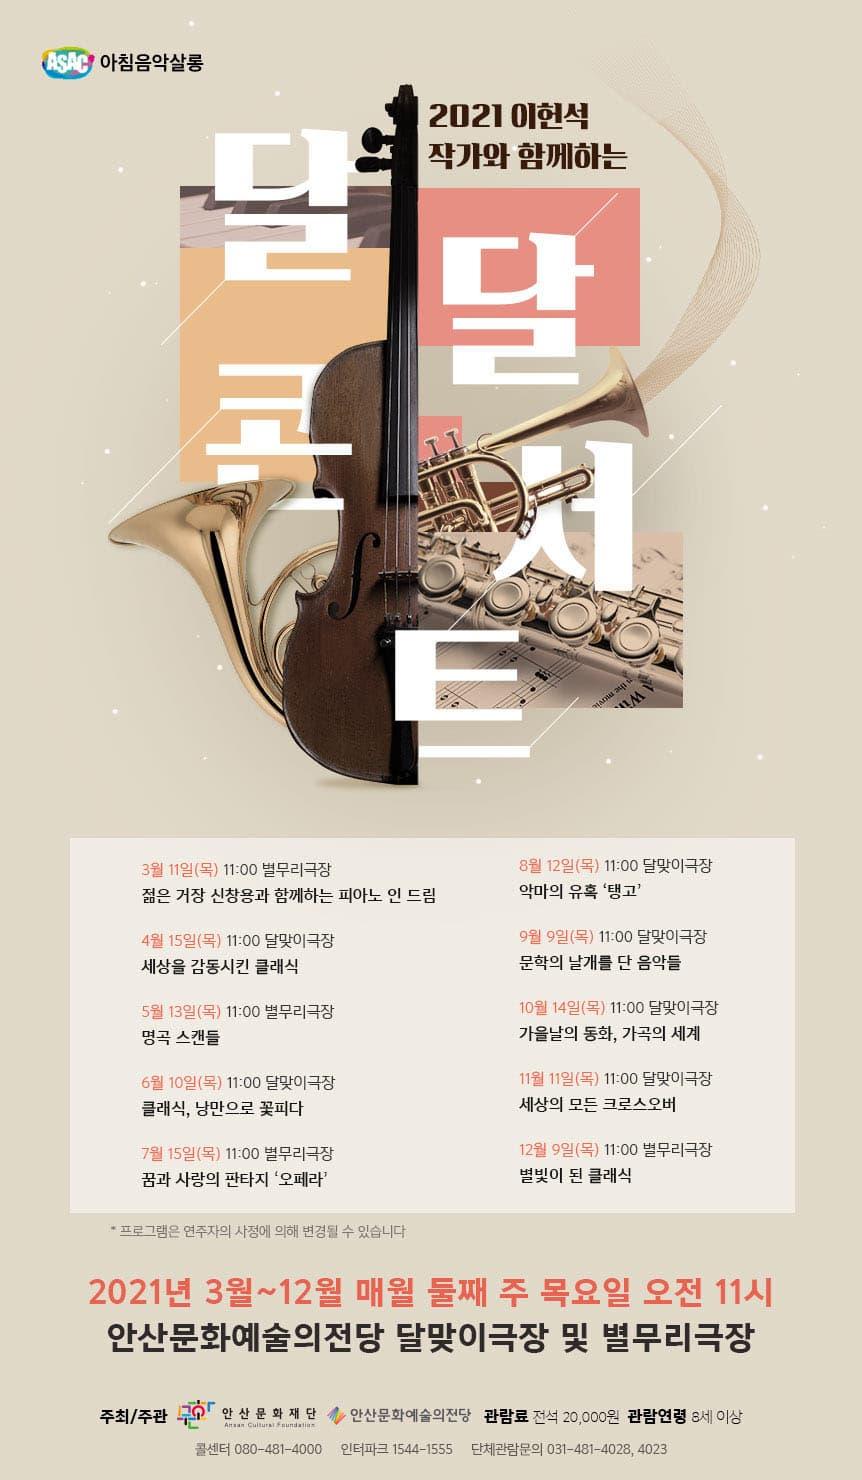 10월 달달콘서트 <가을날의 동화, 가곡의 세계>